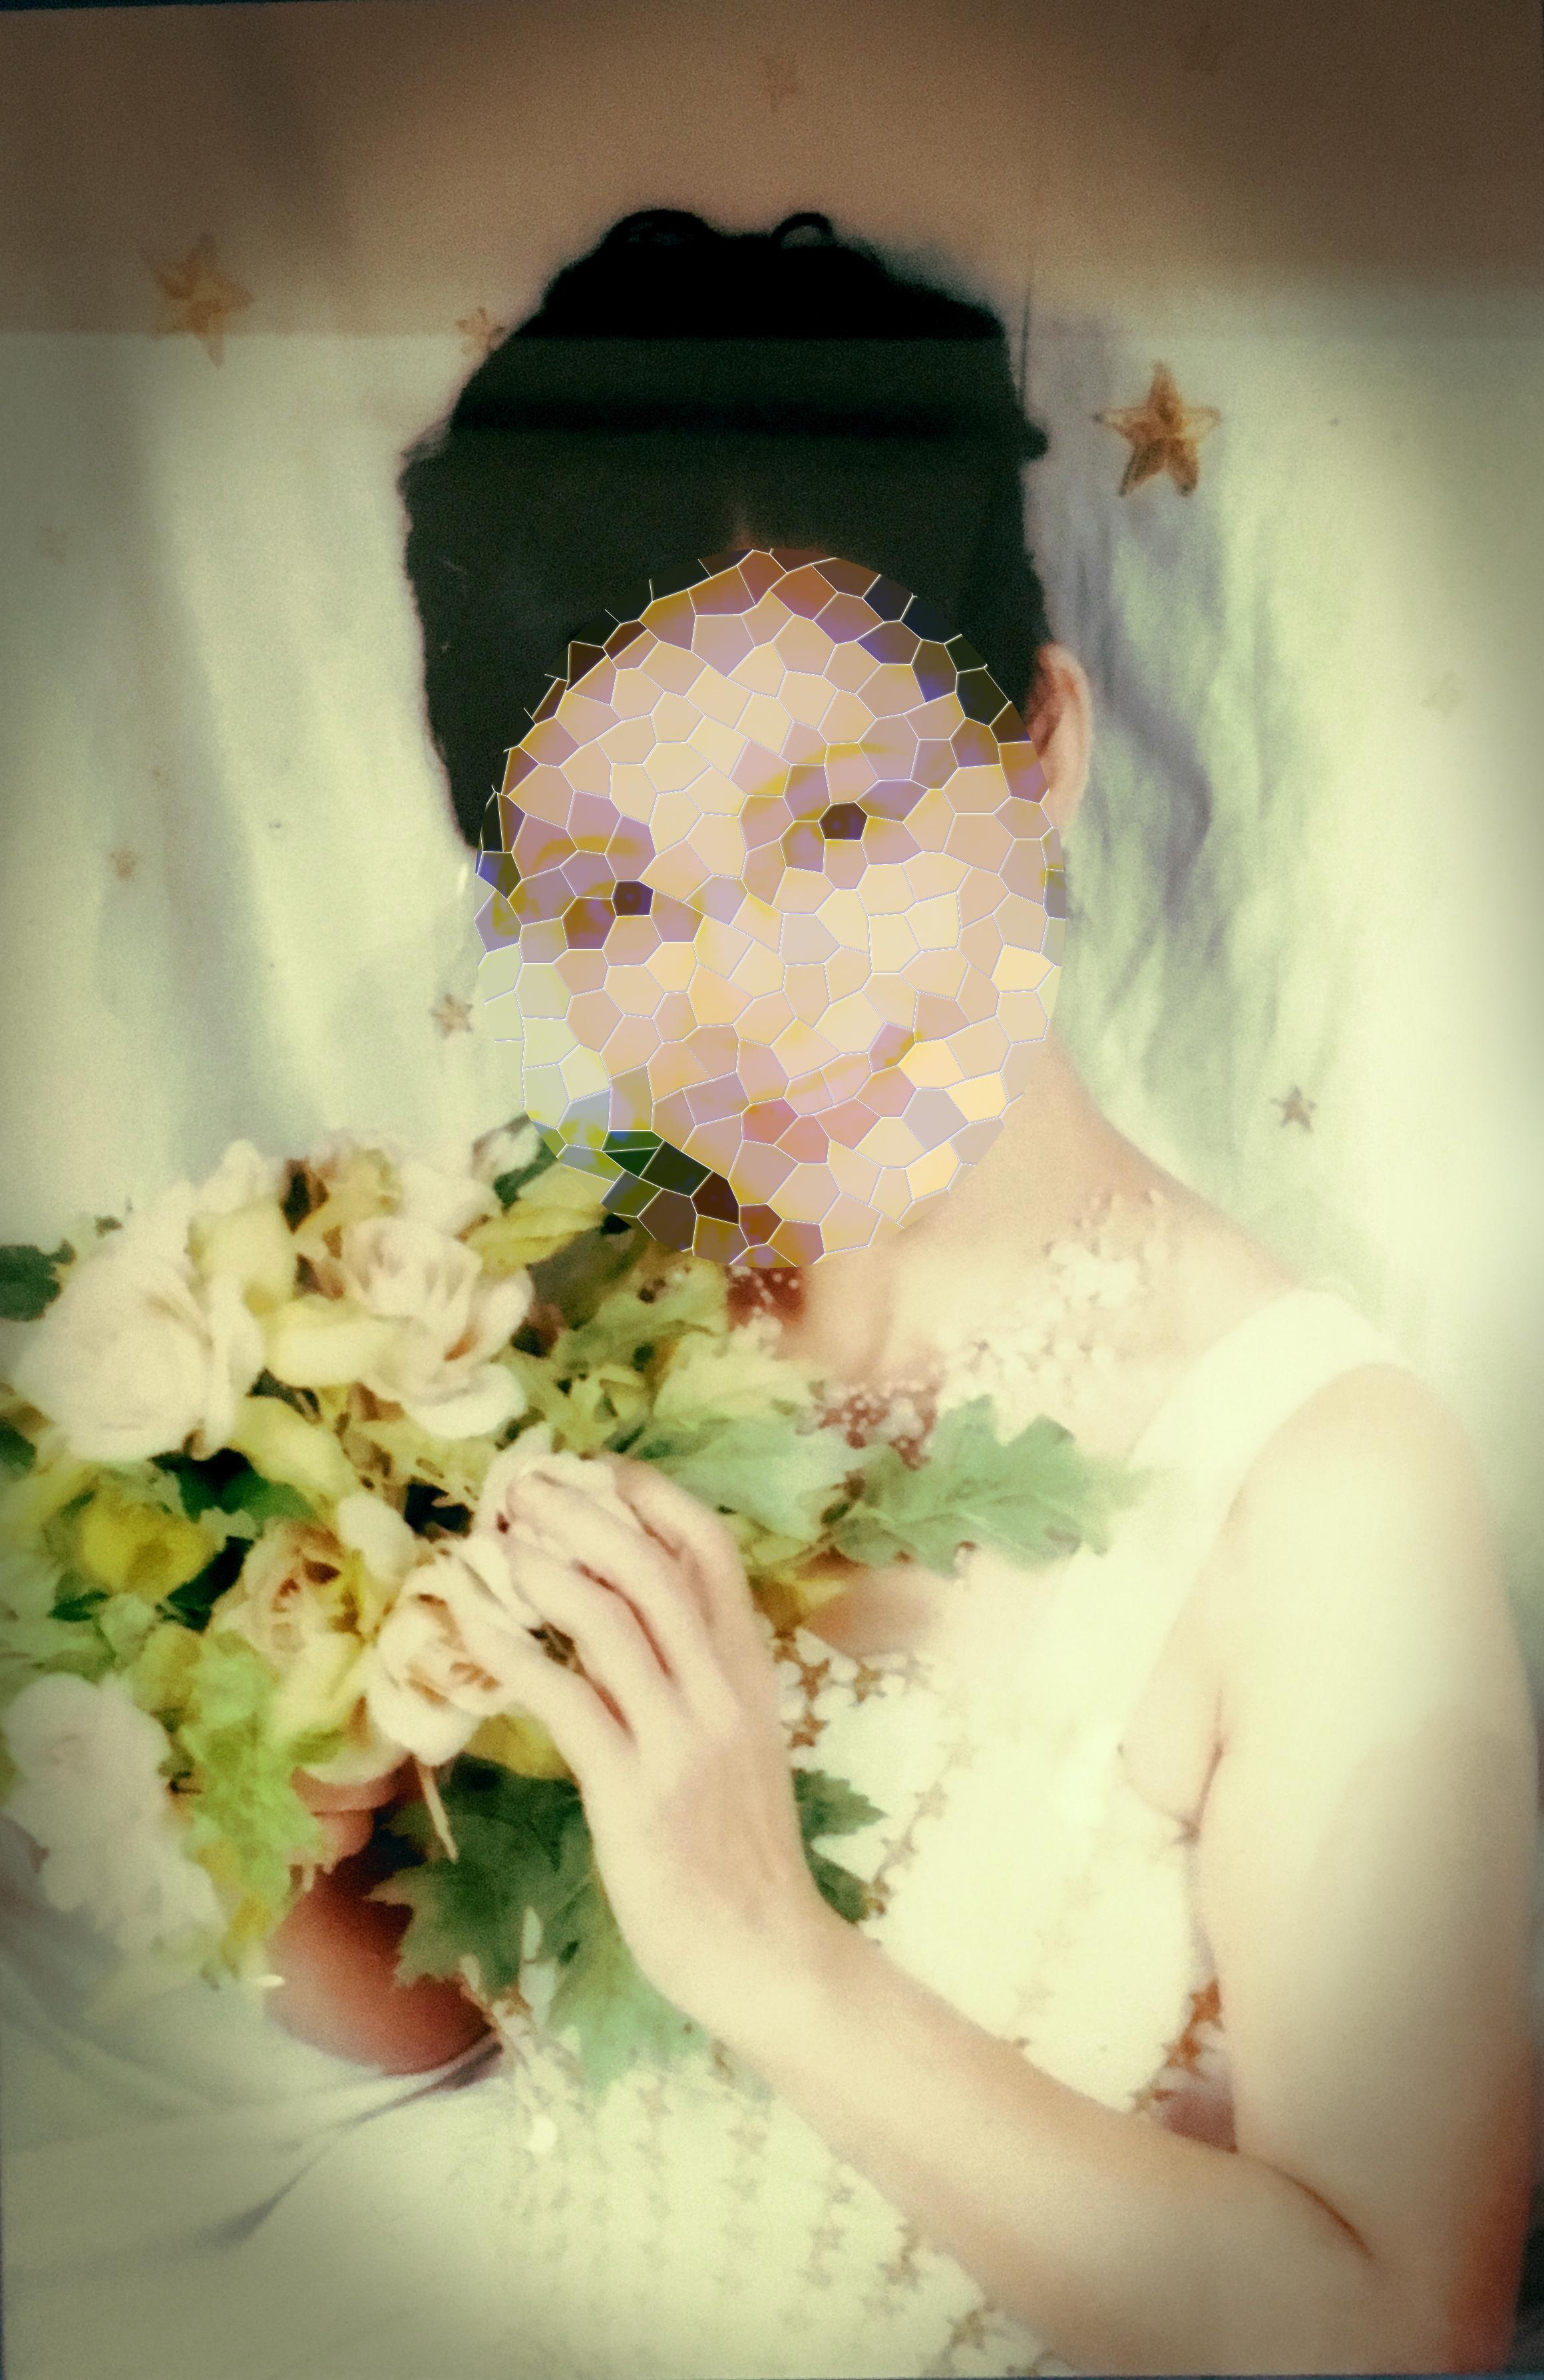 helen-wang-crop-faceblur